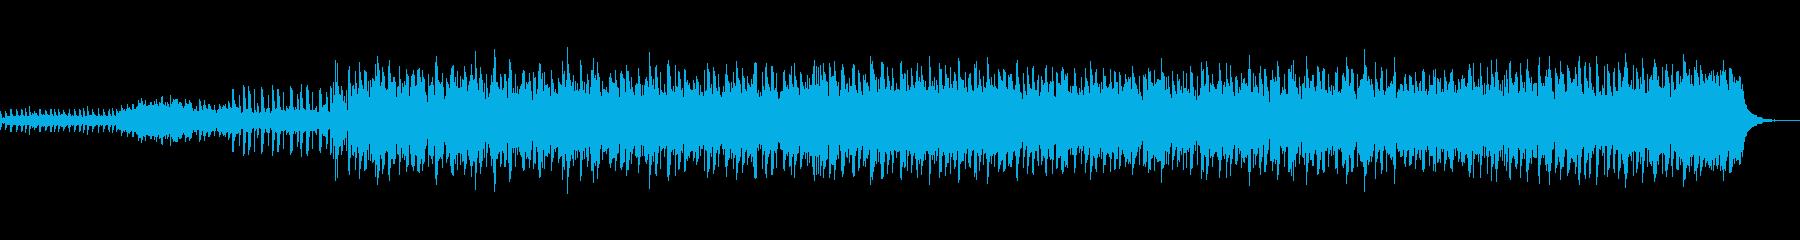 動きの少なく落ち着きのあるテクノ風BGMの再生済みの波形